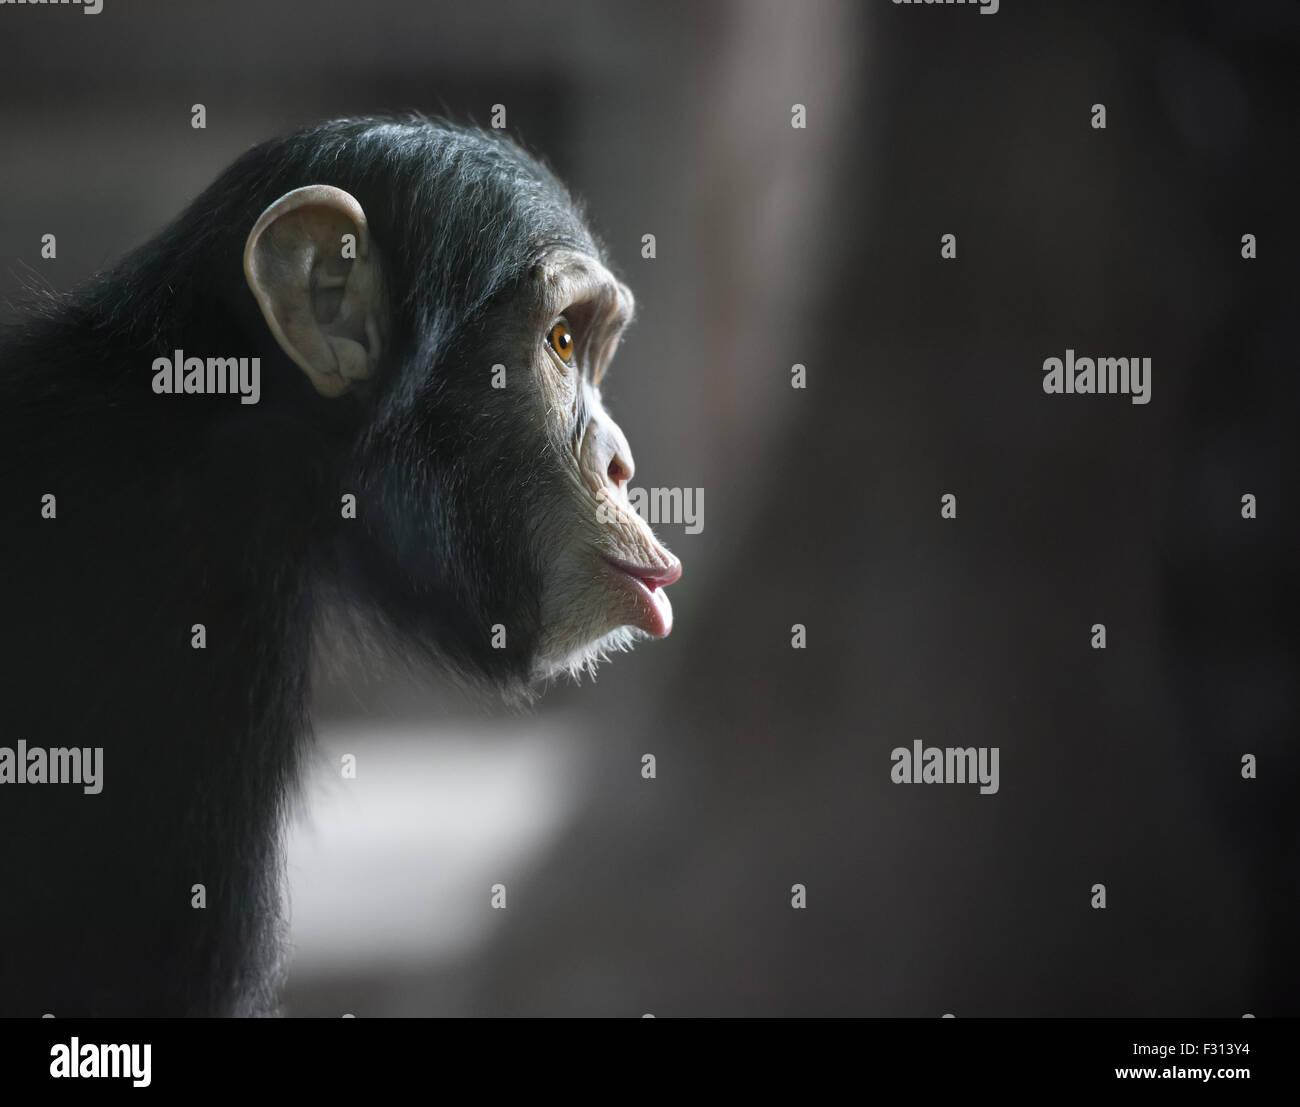 Uno scimpanzé è divertente faccia guardando sorpreso Immagini Stock